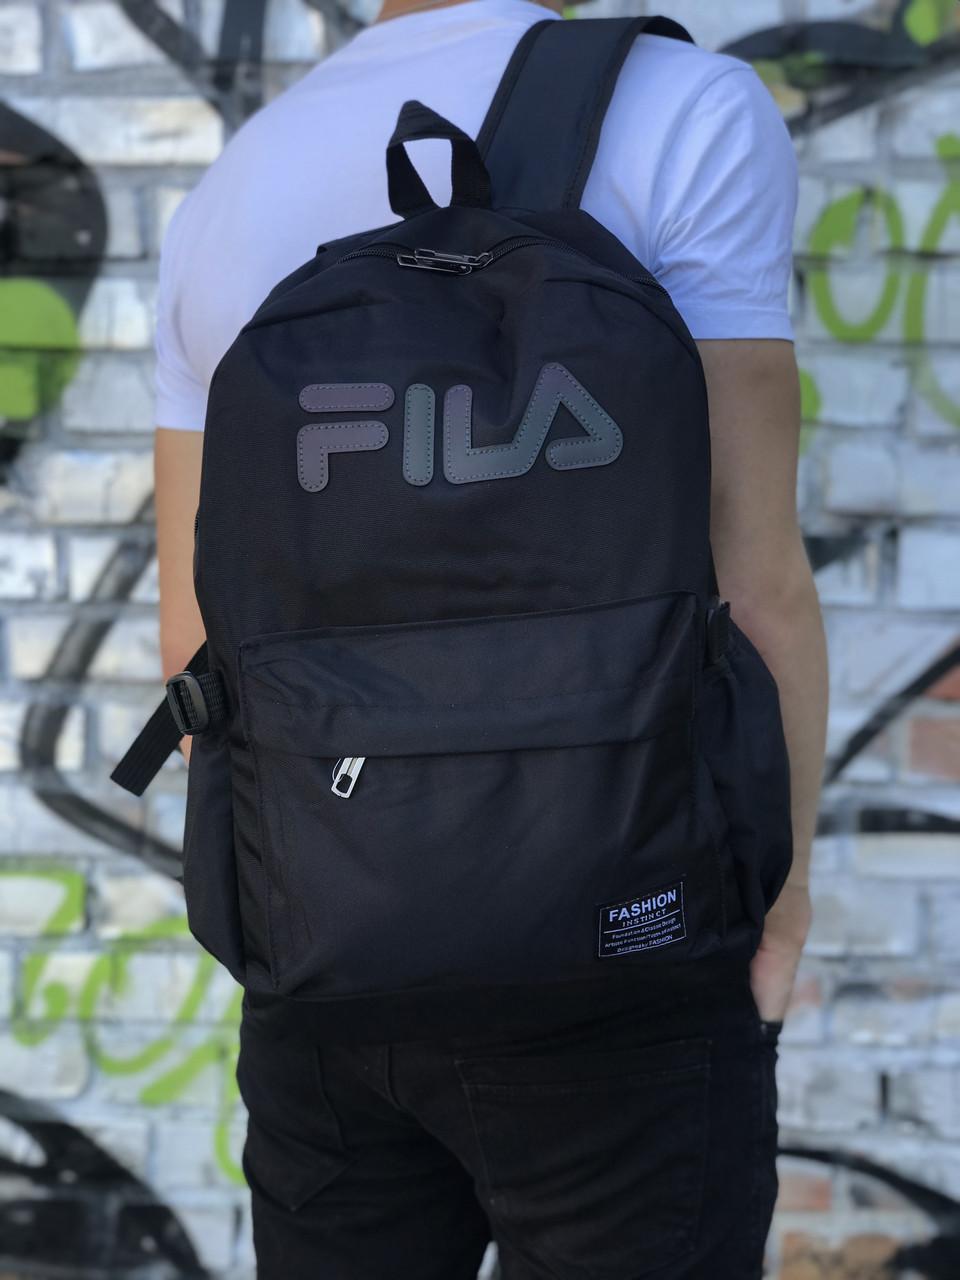 Спортивный рюкзак для школы и спорта Fila (светоотражающий)